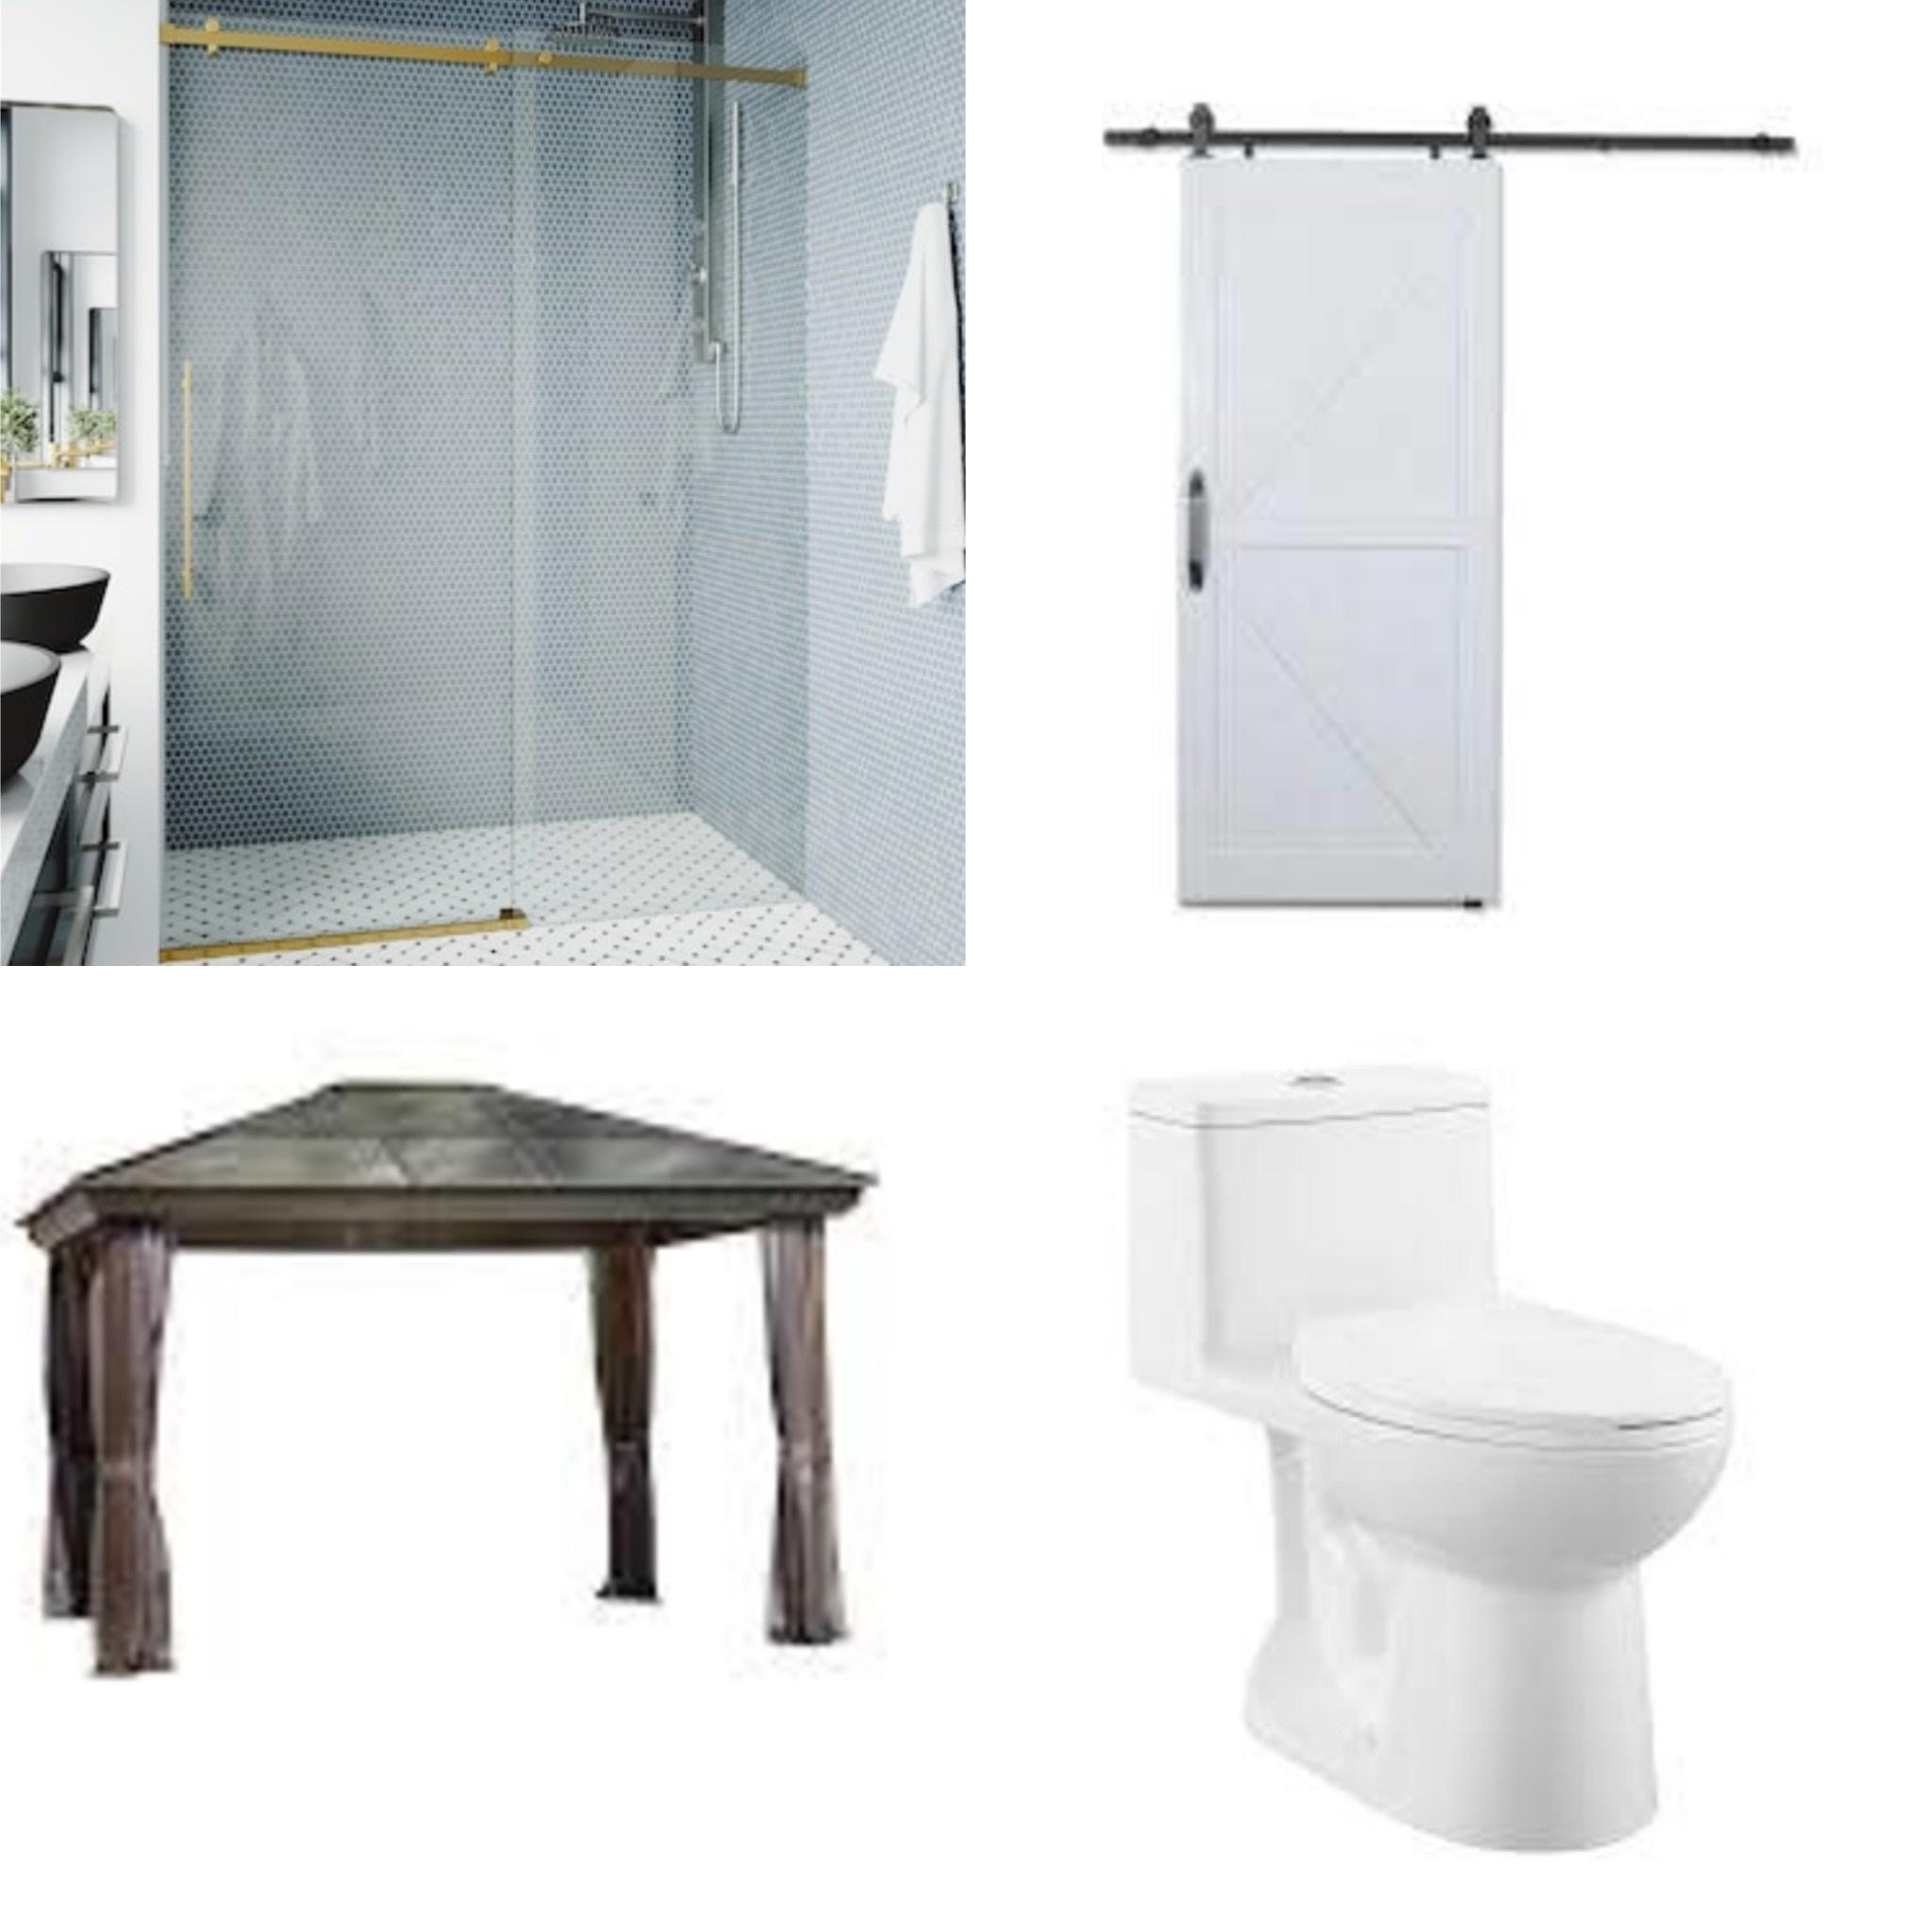 Frameless Shower Door, Gazebo, Barn Door and More!